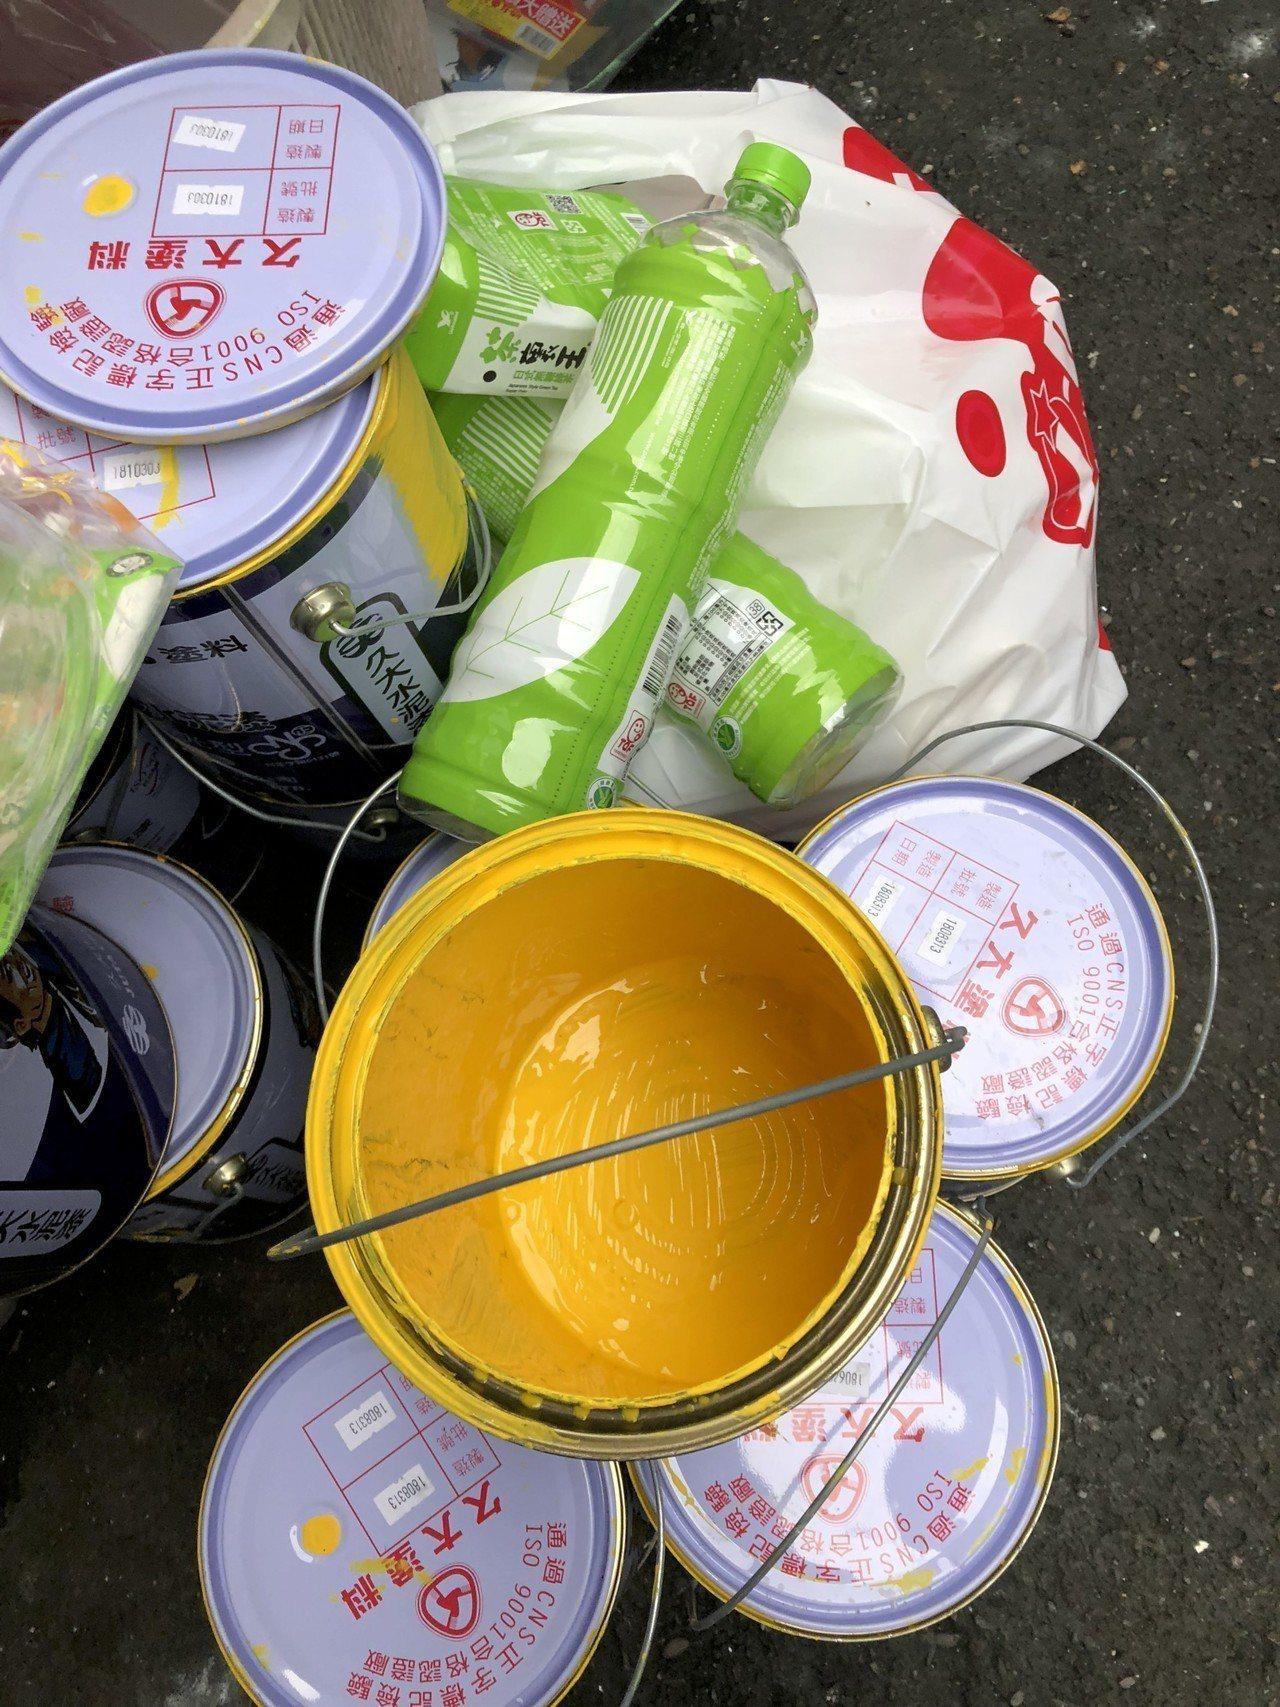 新北環保局稽查員在社區發現黃色油漆桶。圖/新北環保局提供